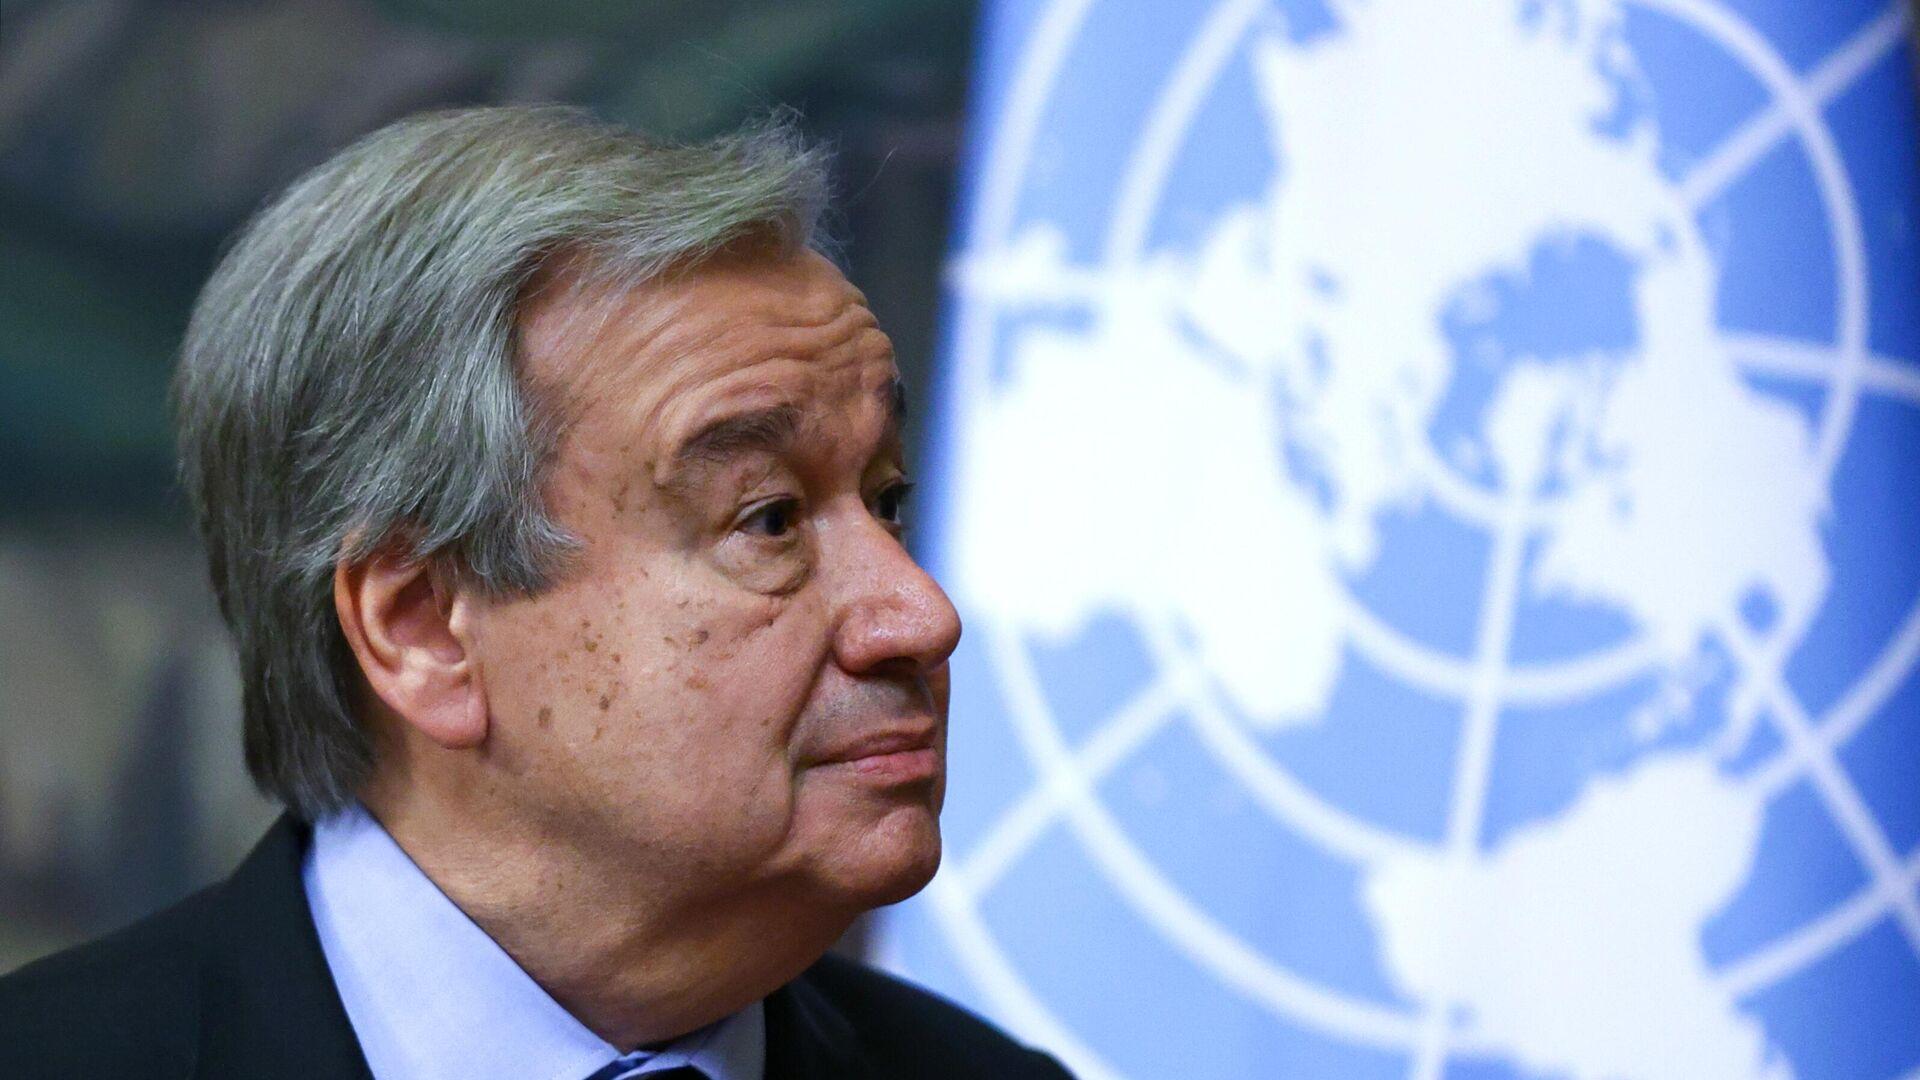 Генеральный секретарь Организации Объединенных Наций (ООН) Антониу Гутерреш - Sputnik Беларусь, 1920, 17.09.2021